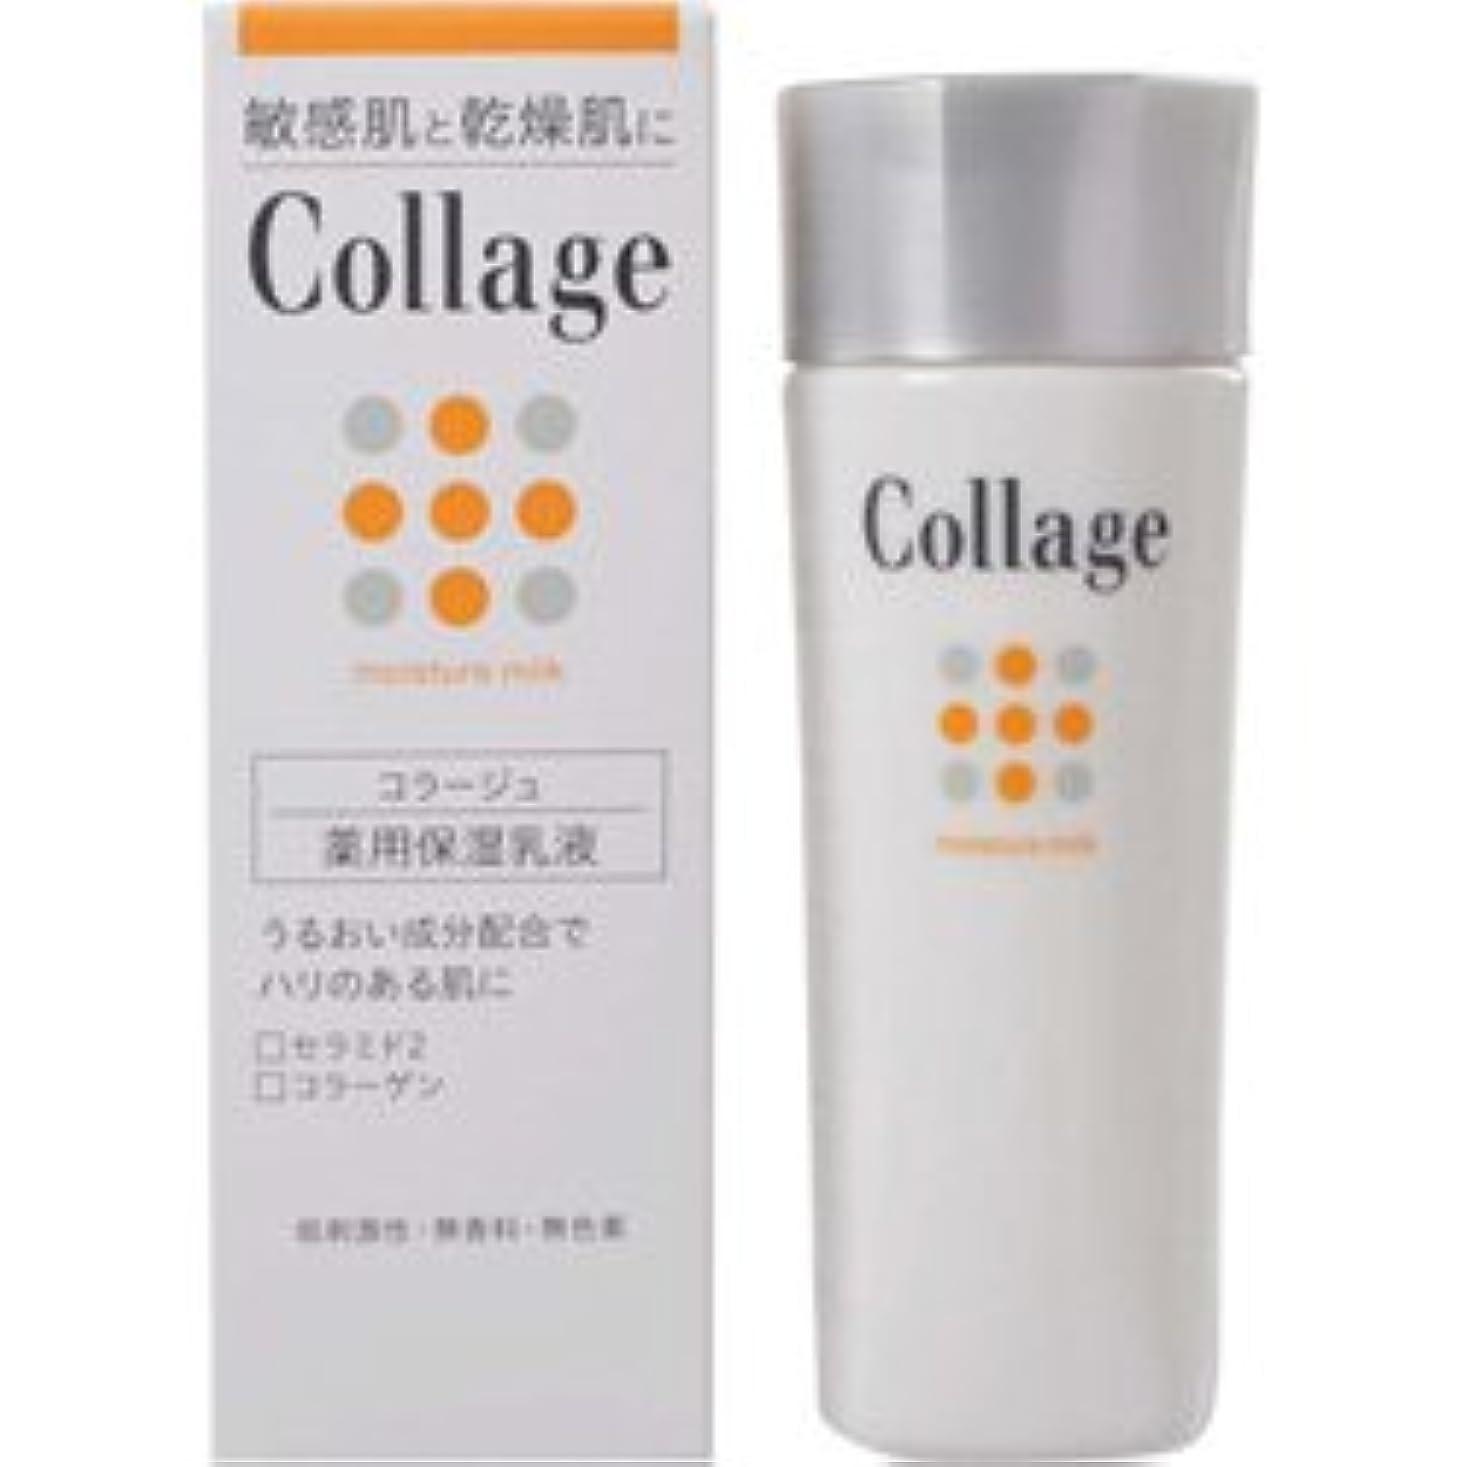 予備勝利下向き【持田ヘルスケア】 コラージュ薬用保湿乳液 80ml (医薬部外品) ×3個セット